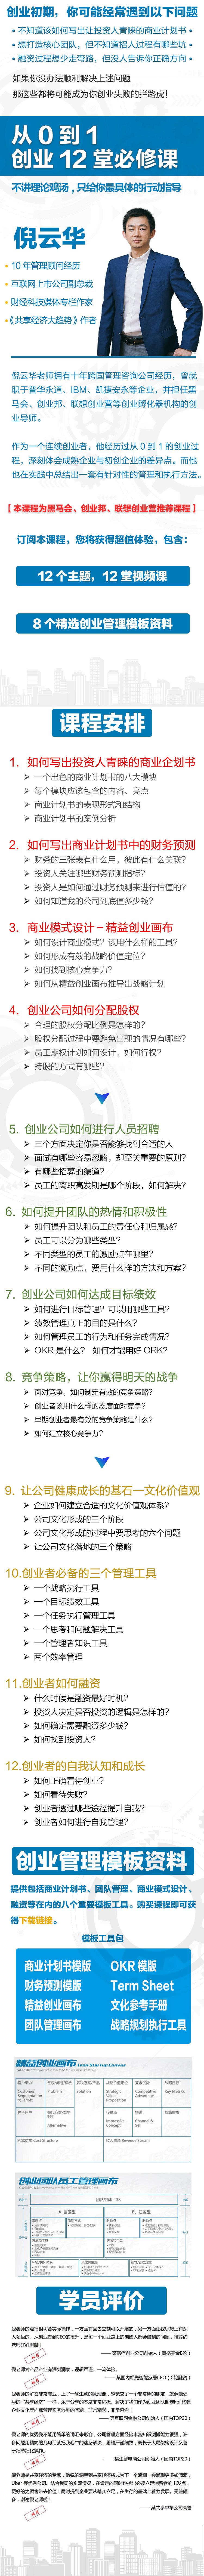 1-创业课大纲新版本2.png